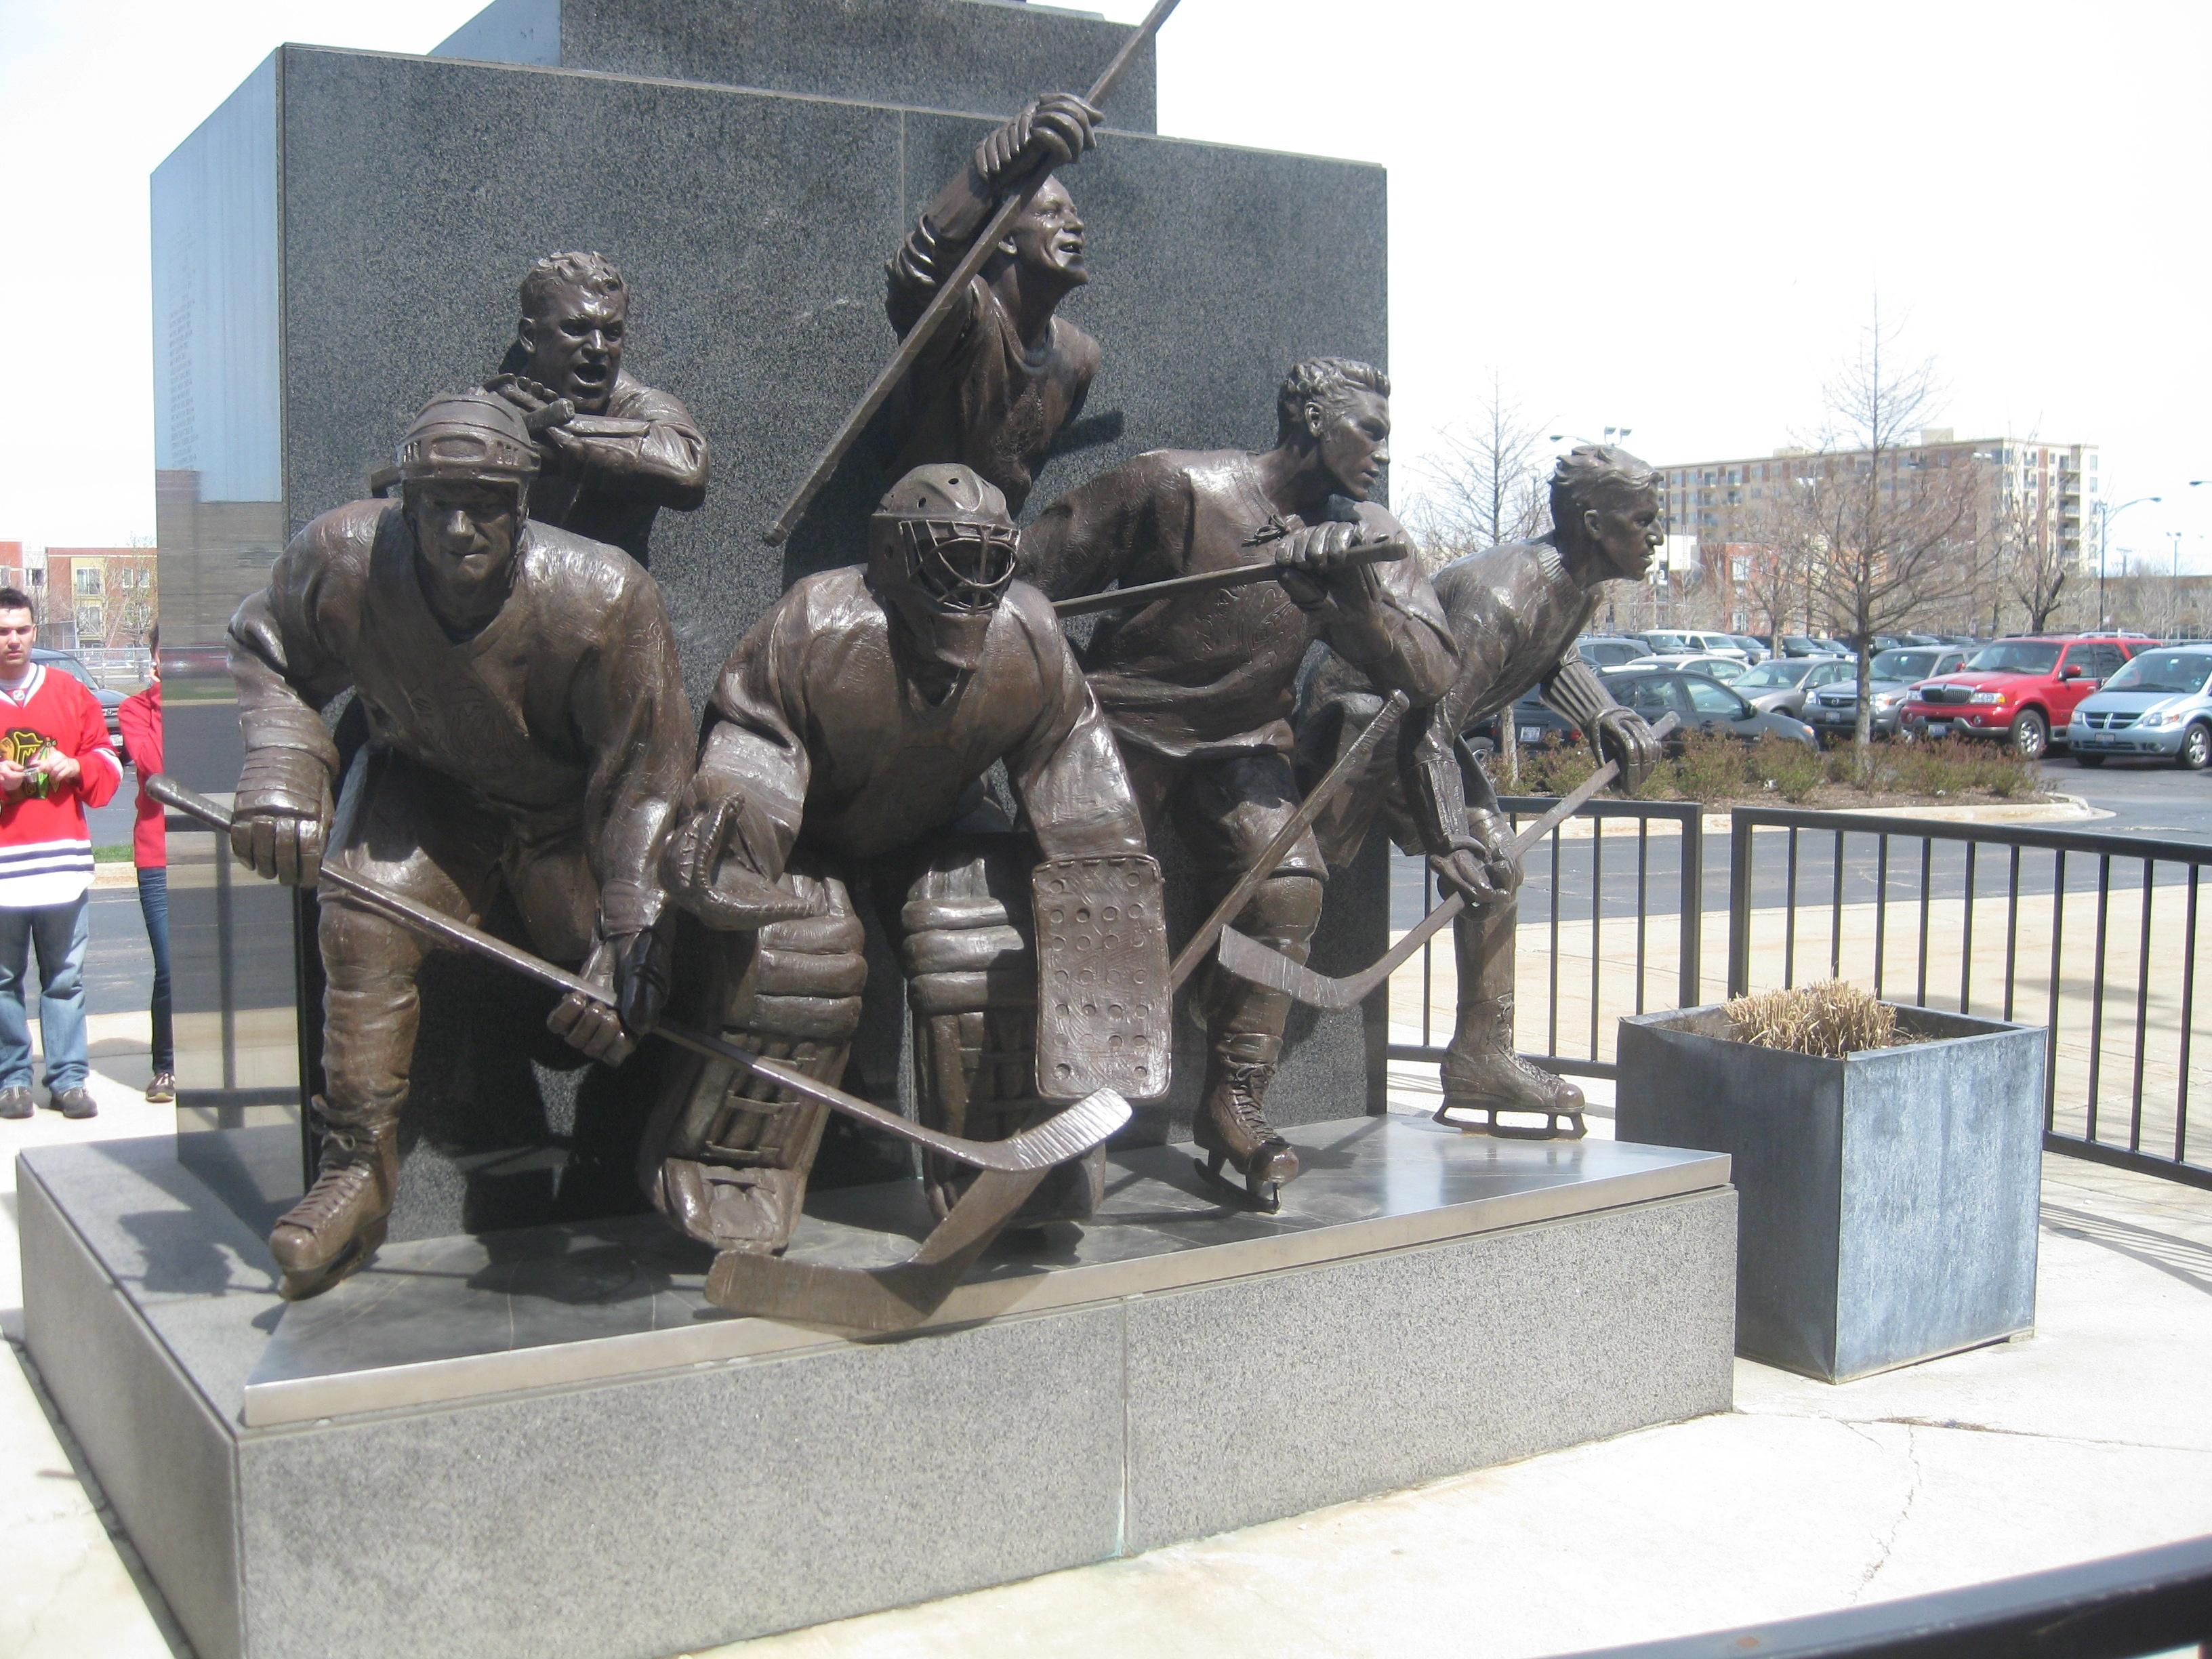 File Calgary Flames Vs Chicago Blackhawks April 4 2010 Jpg 4493303136 Jpg Wikimedia Commons